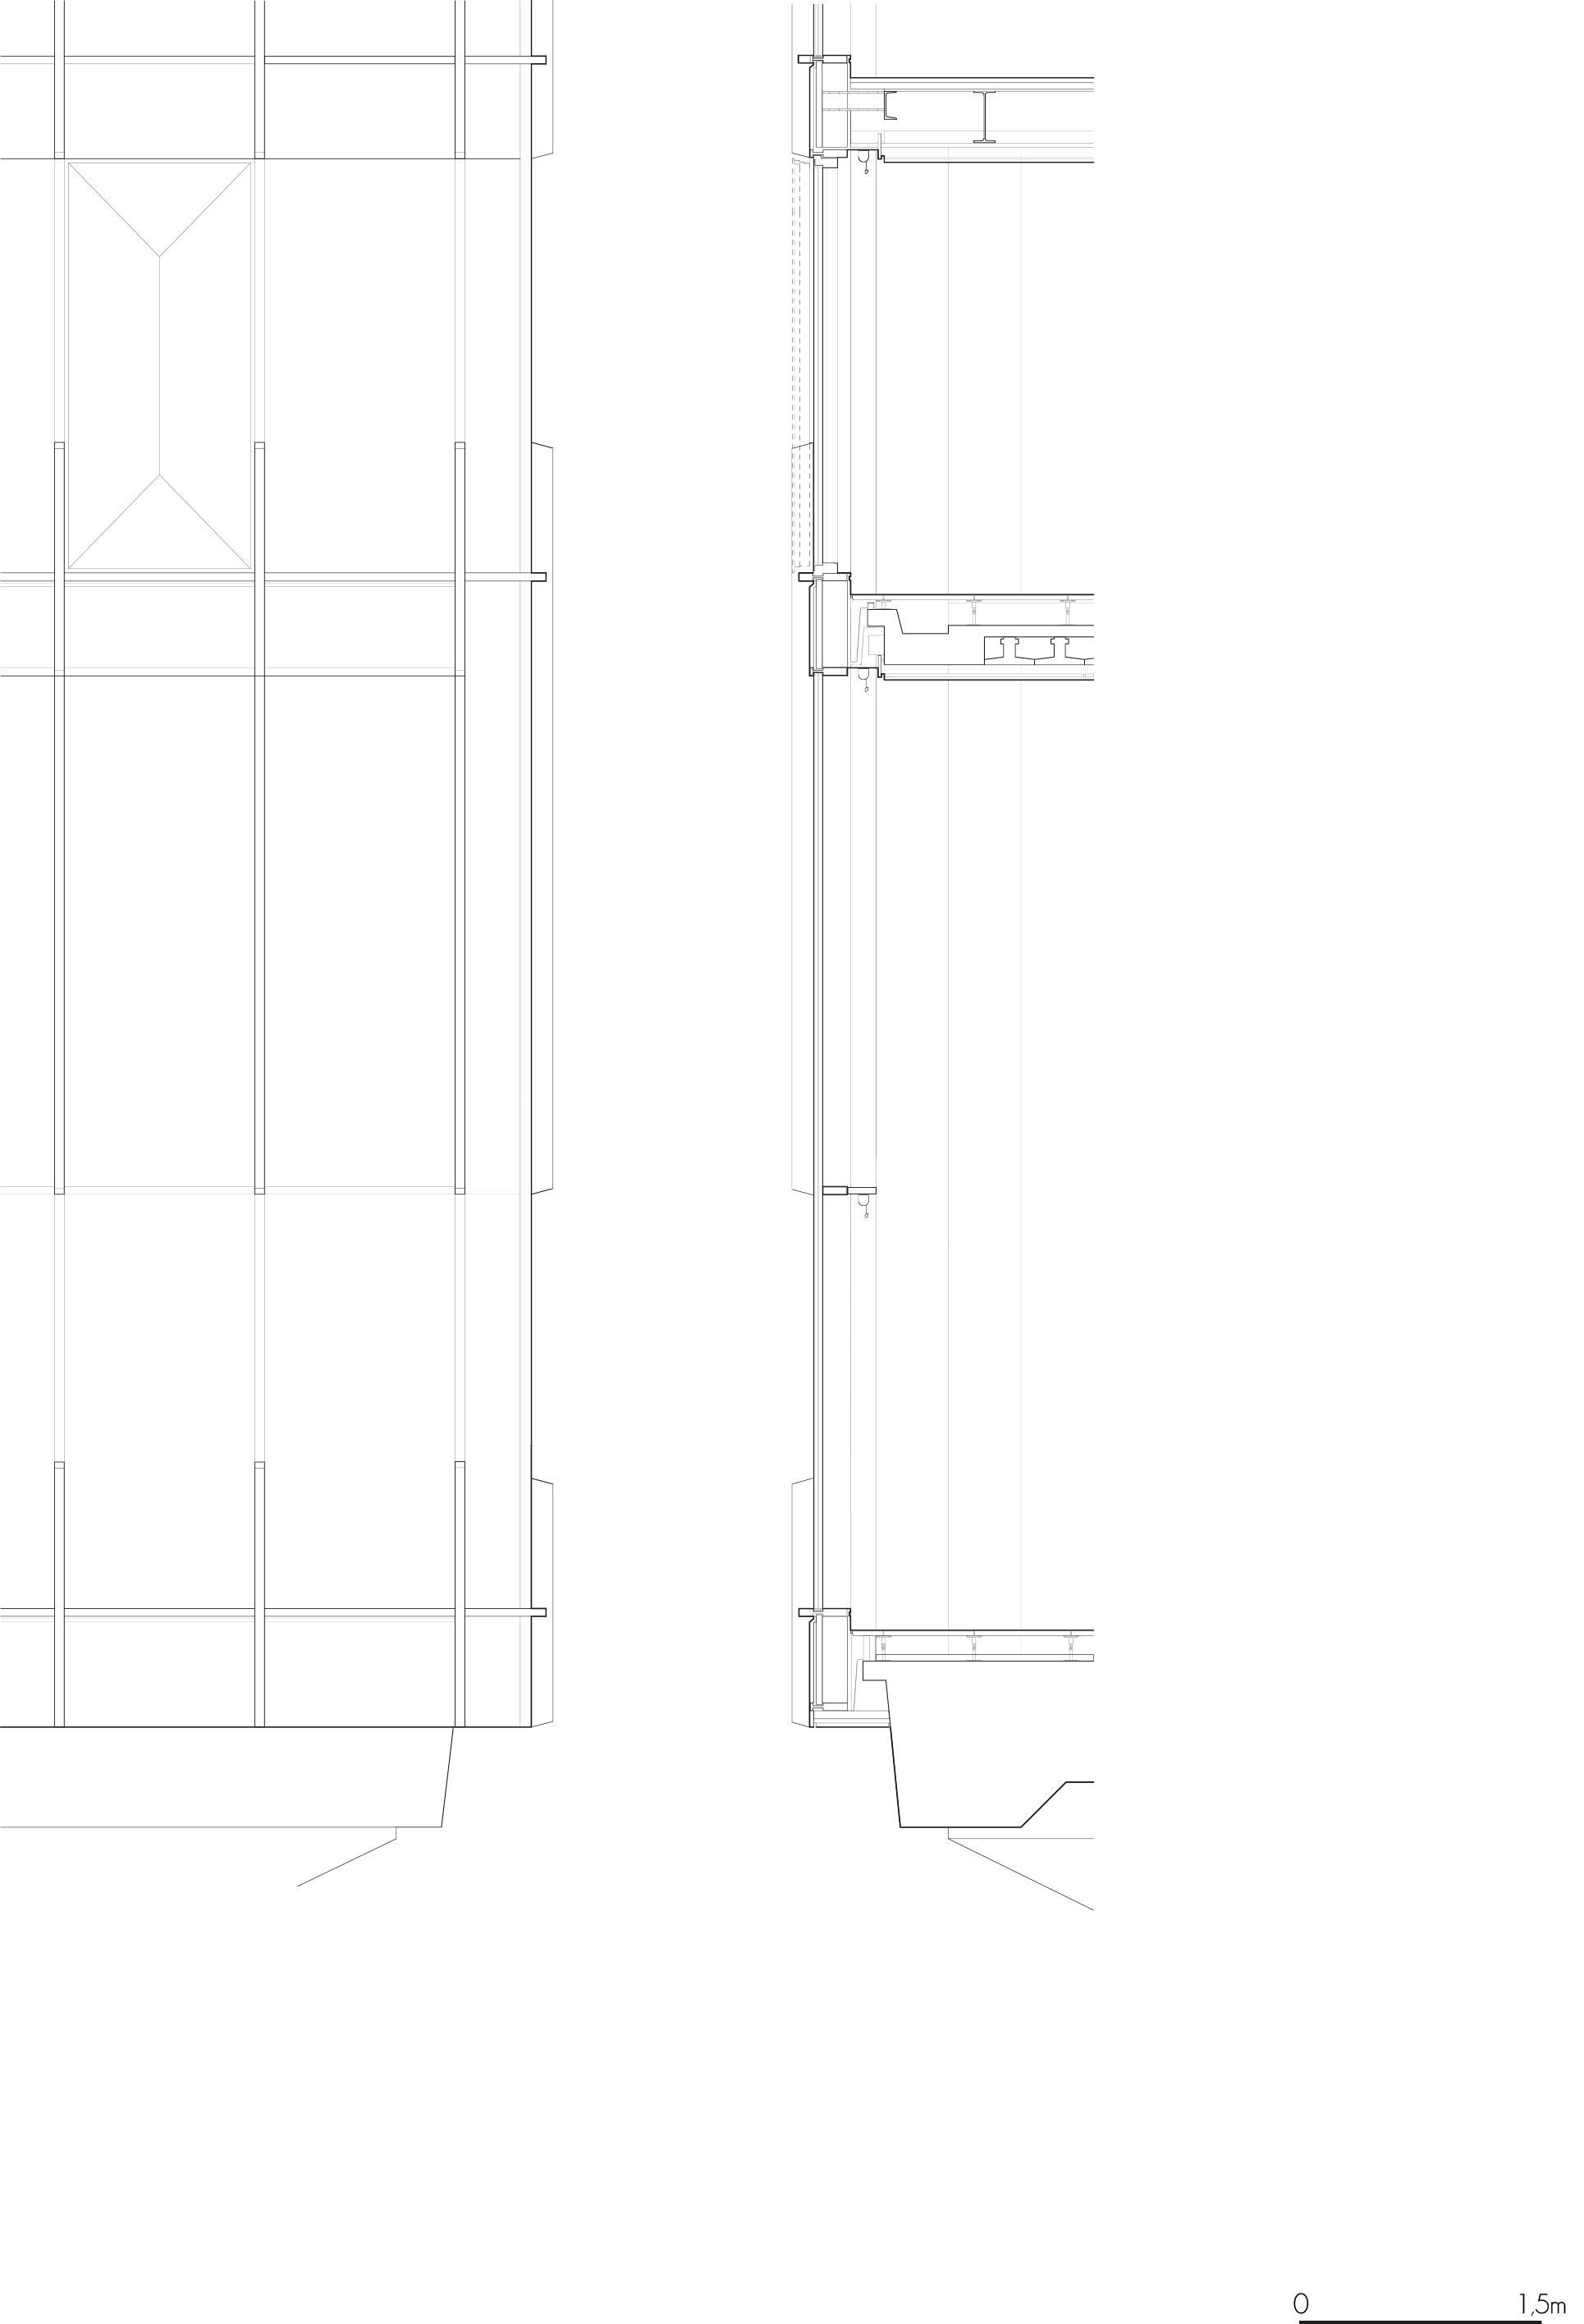 <p>Geveldetail: verbinding van de nieuwe vliesgevel met originele gebouwstructuur</p>